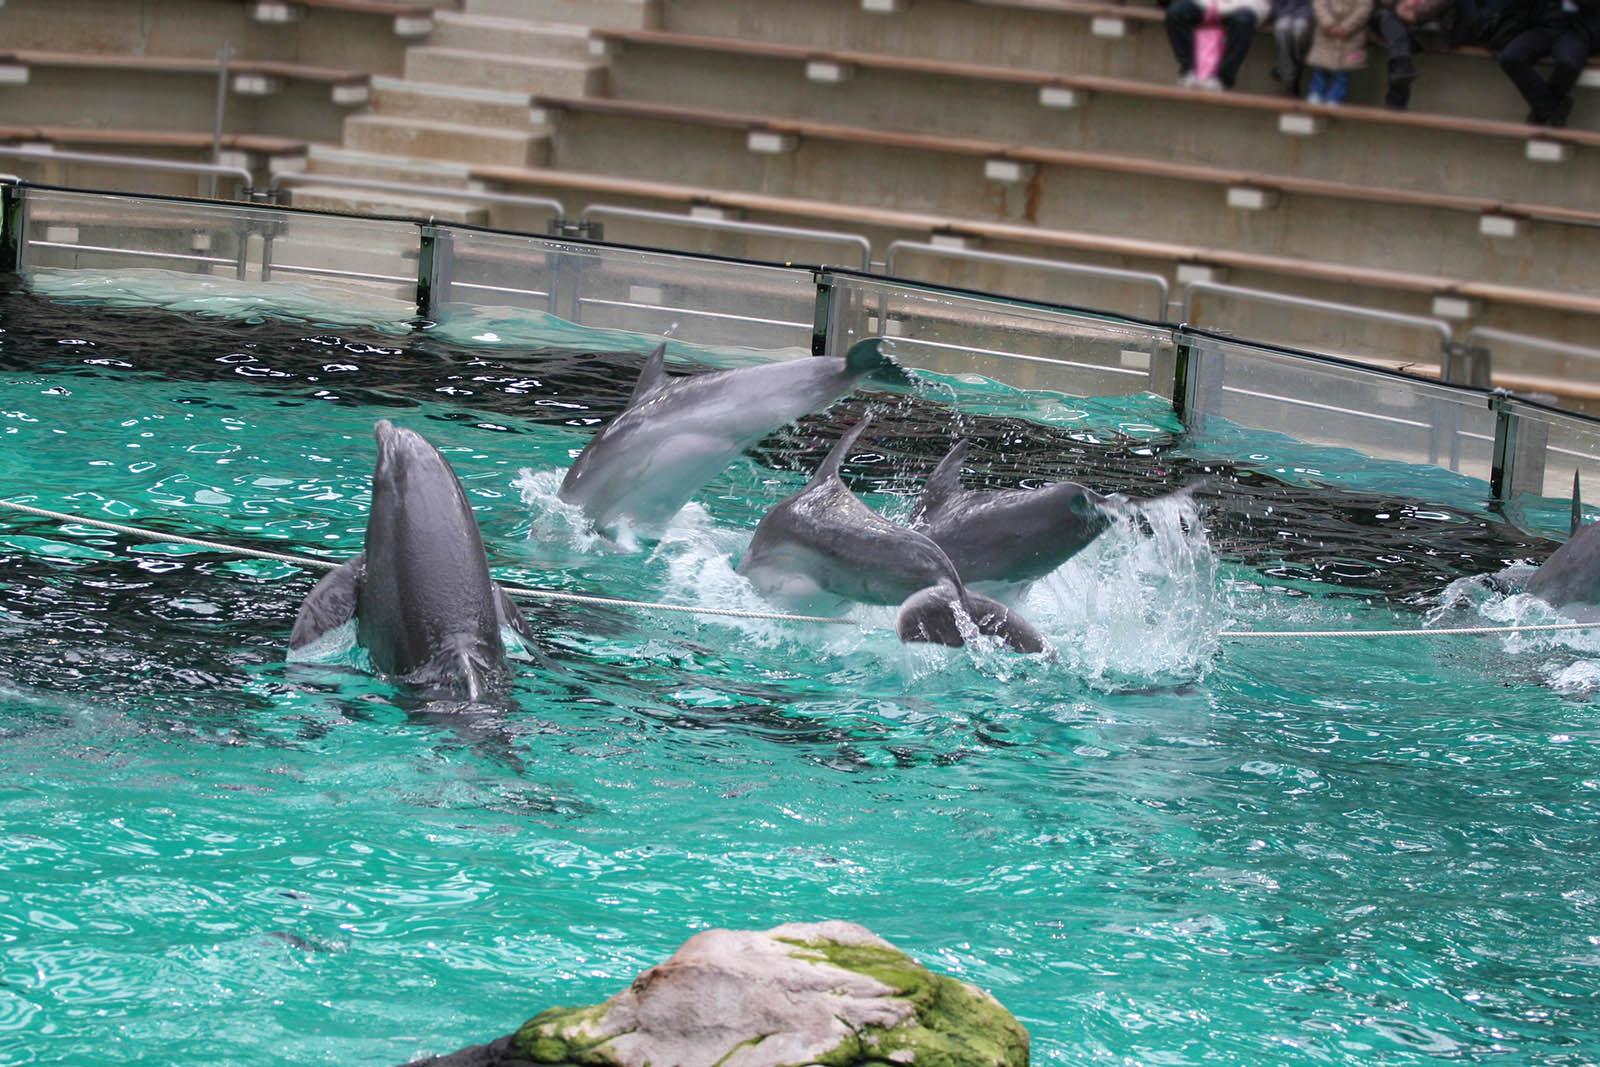 9 traurige Fakten über die Delfinarien in Duisburg und Nürnberg